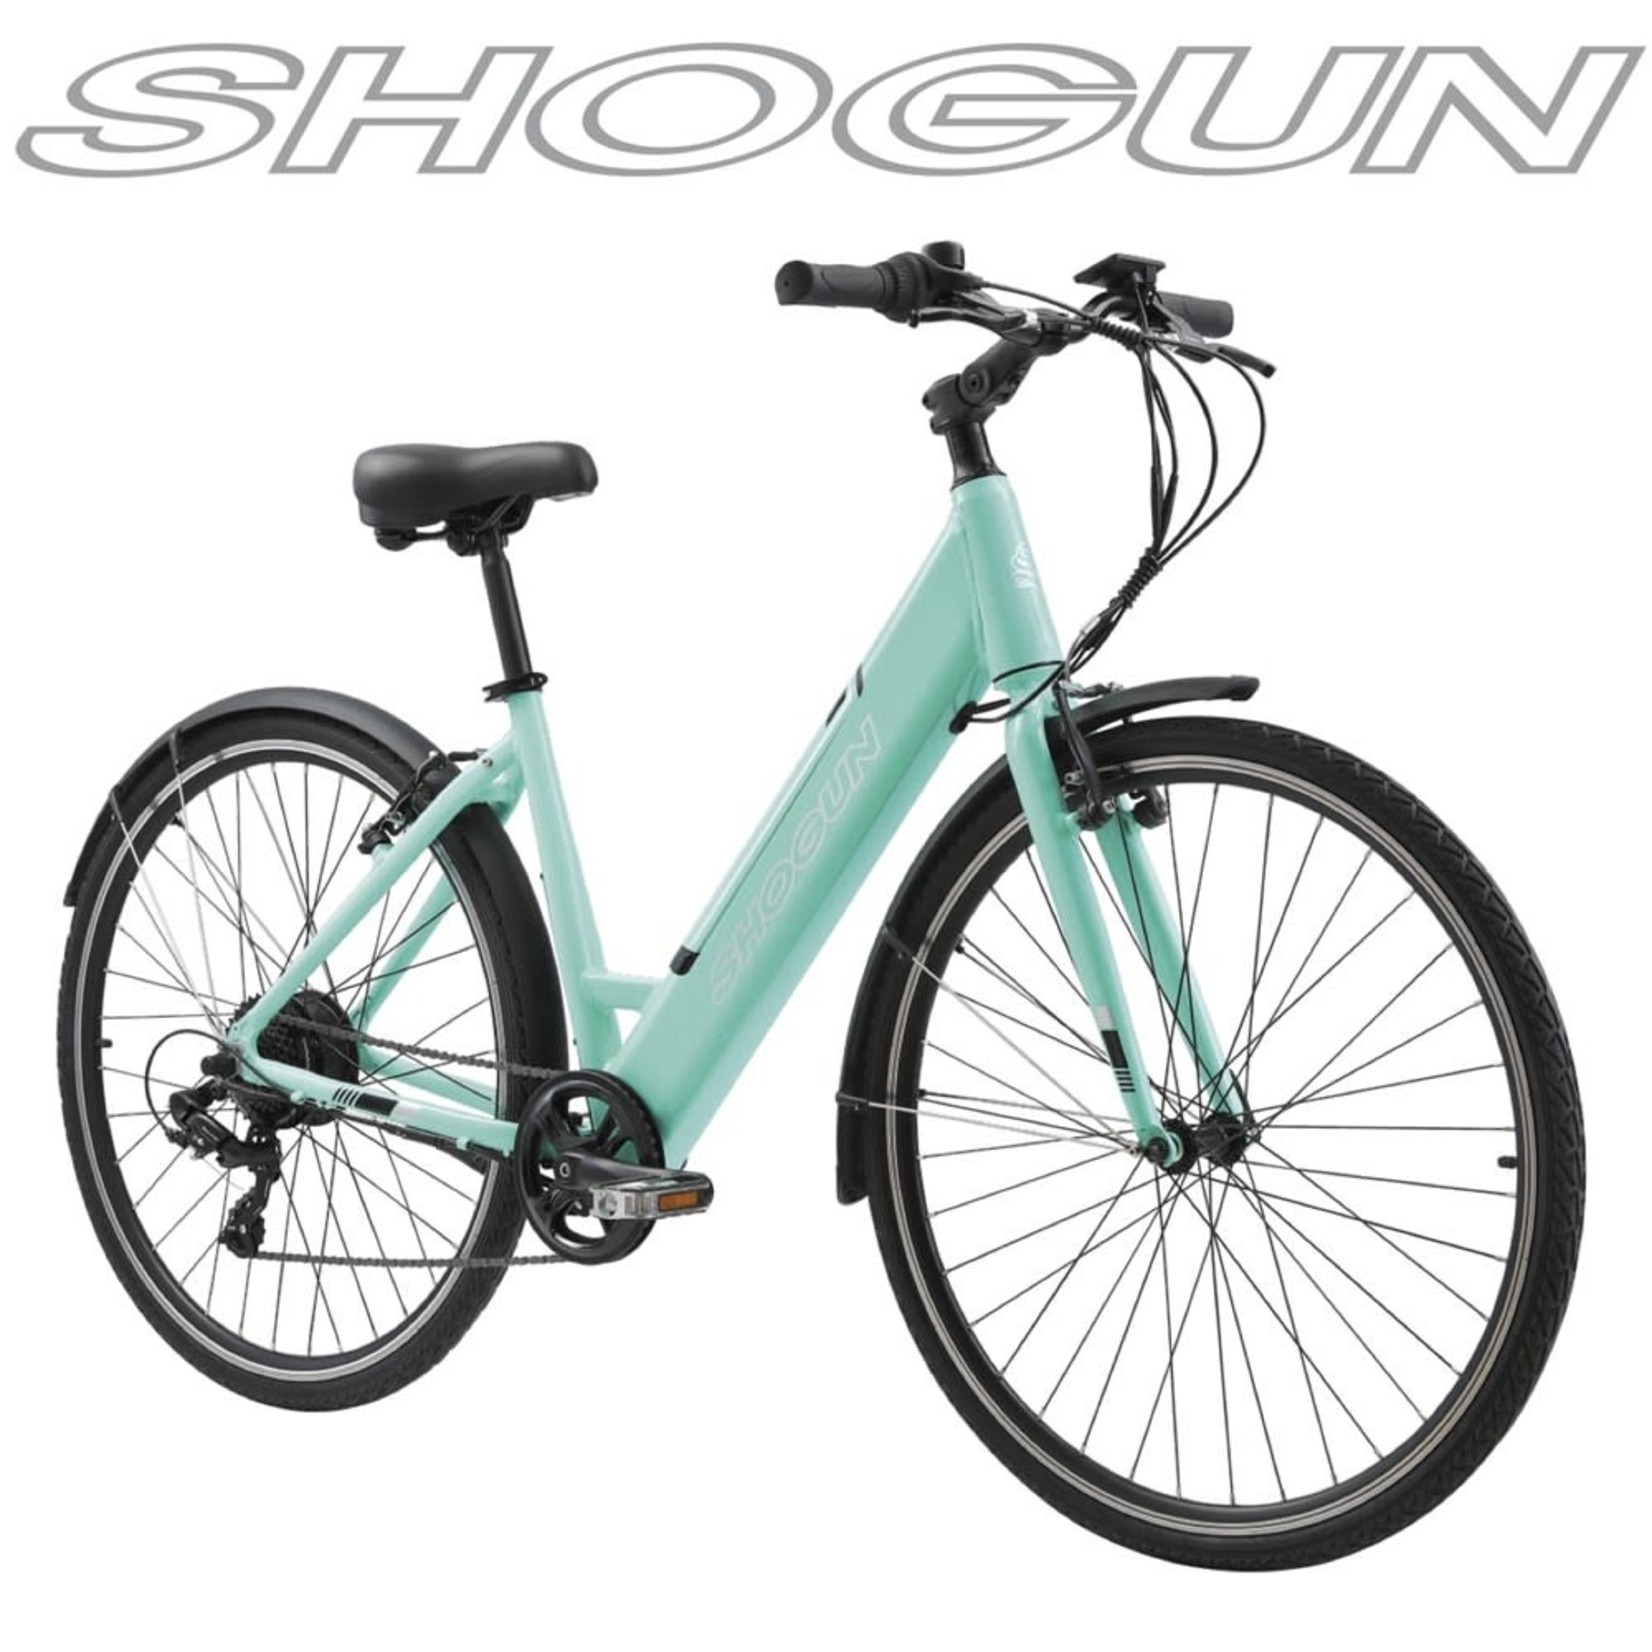 Shogun Shogun EB1 Step Through E-Bike Aqua